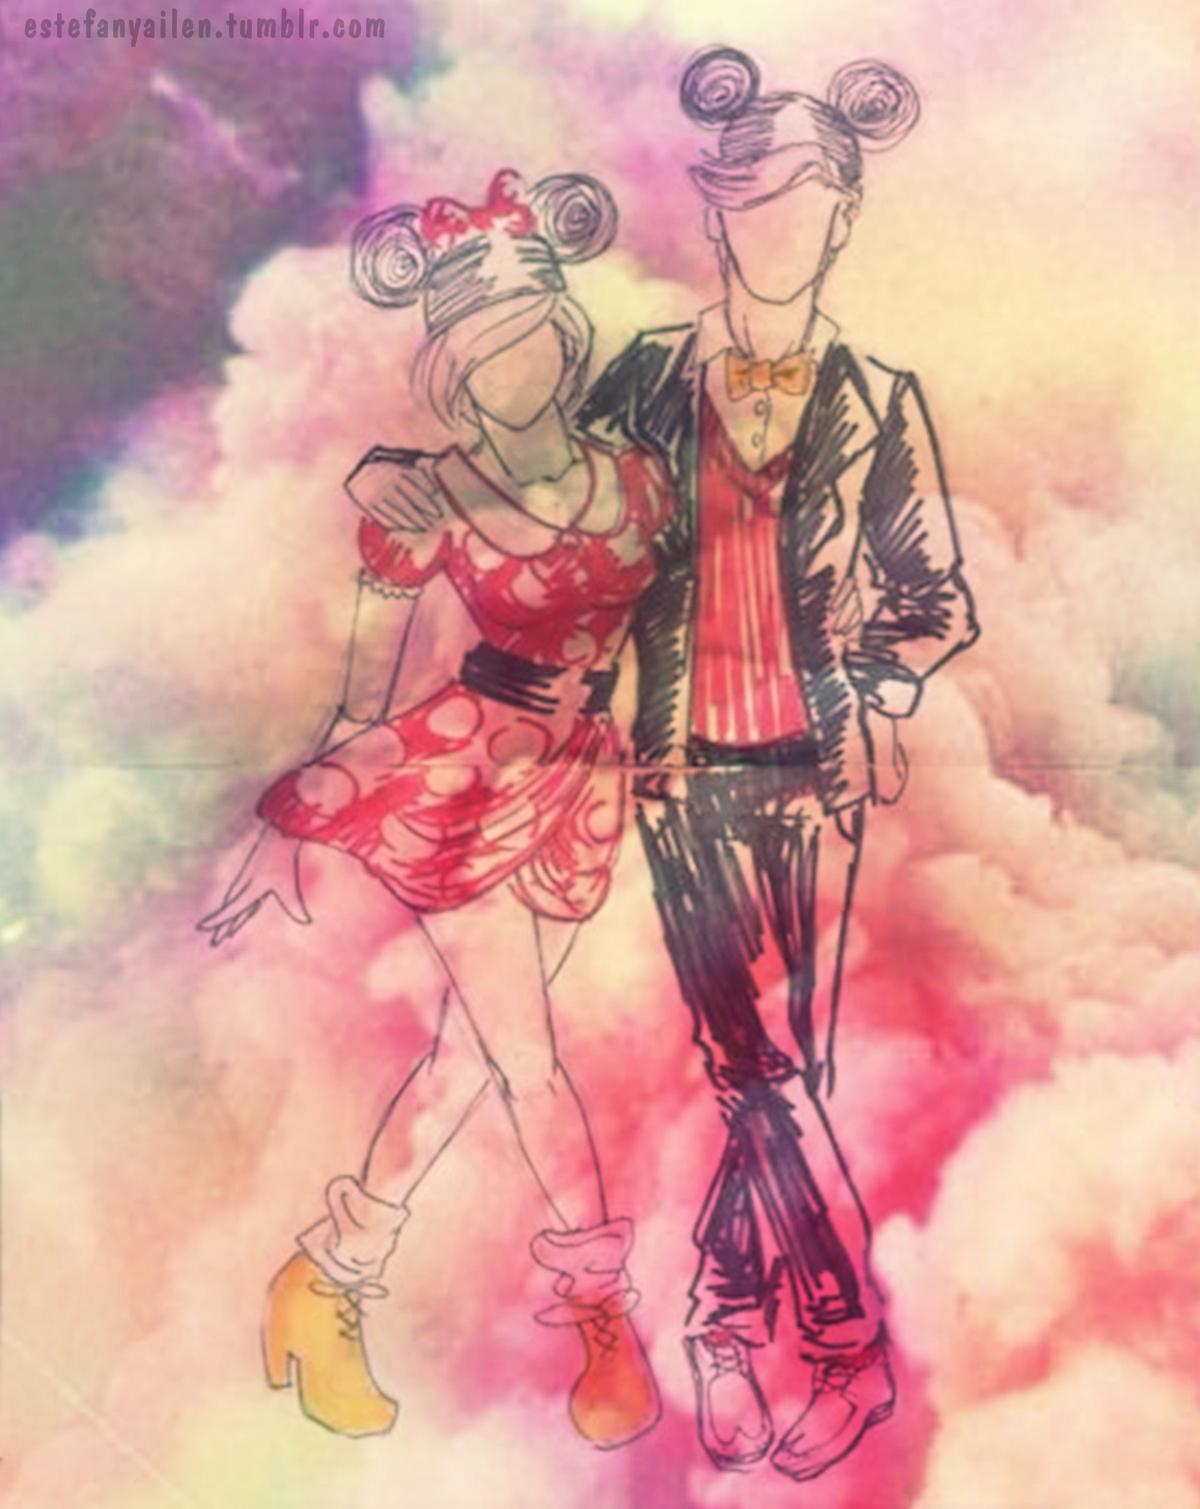 3d Girl Image Wallpaper Fondos De Mickey Hipster Fondos De Pantalla